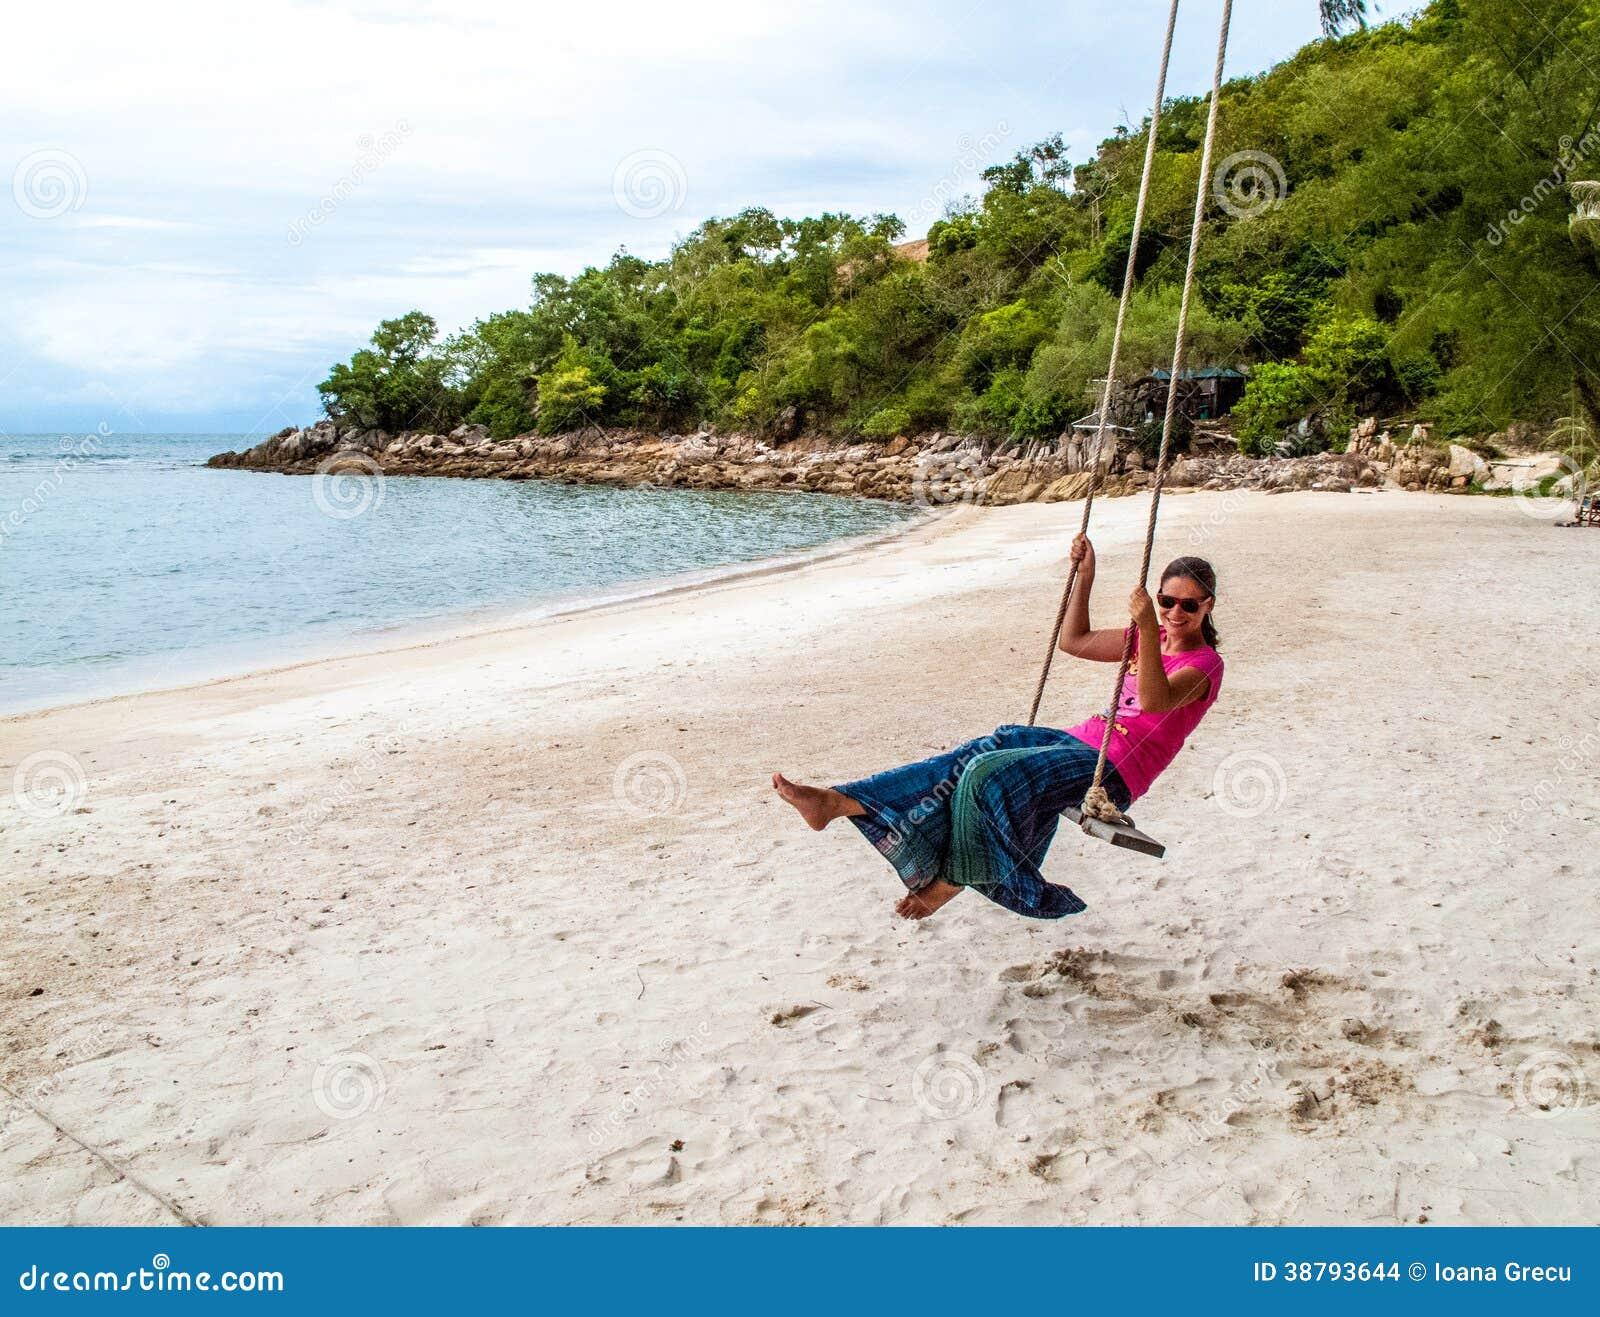 Kobieta na huśtawce przy tropikalną plażą